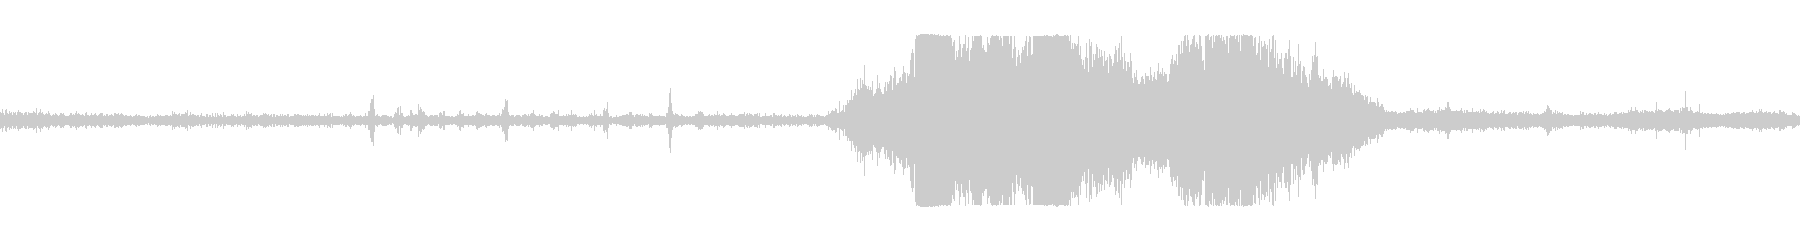 トラクタープルレース回転gの未再生の波形